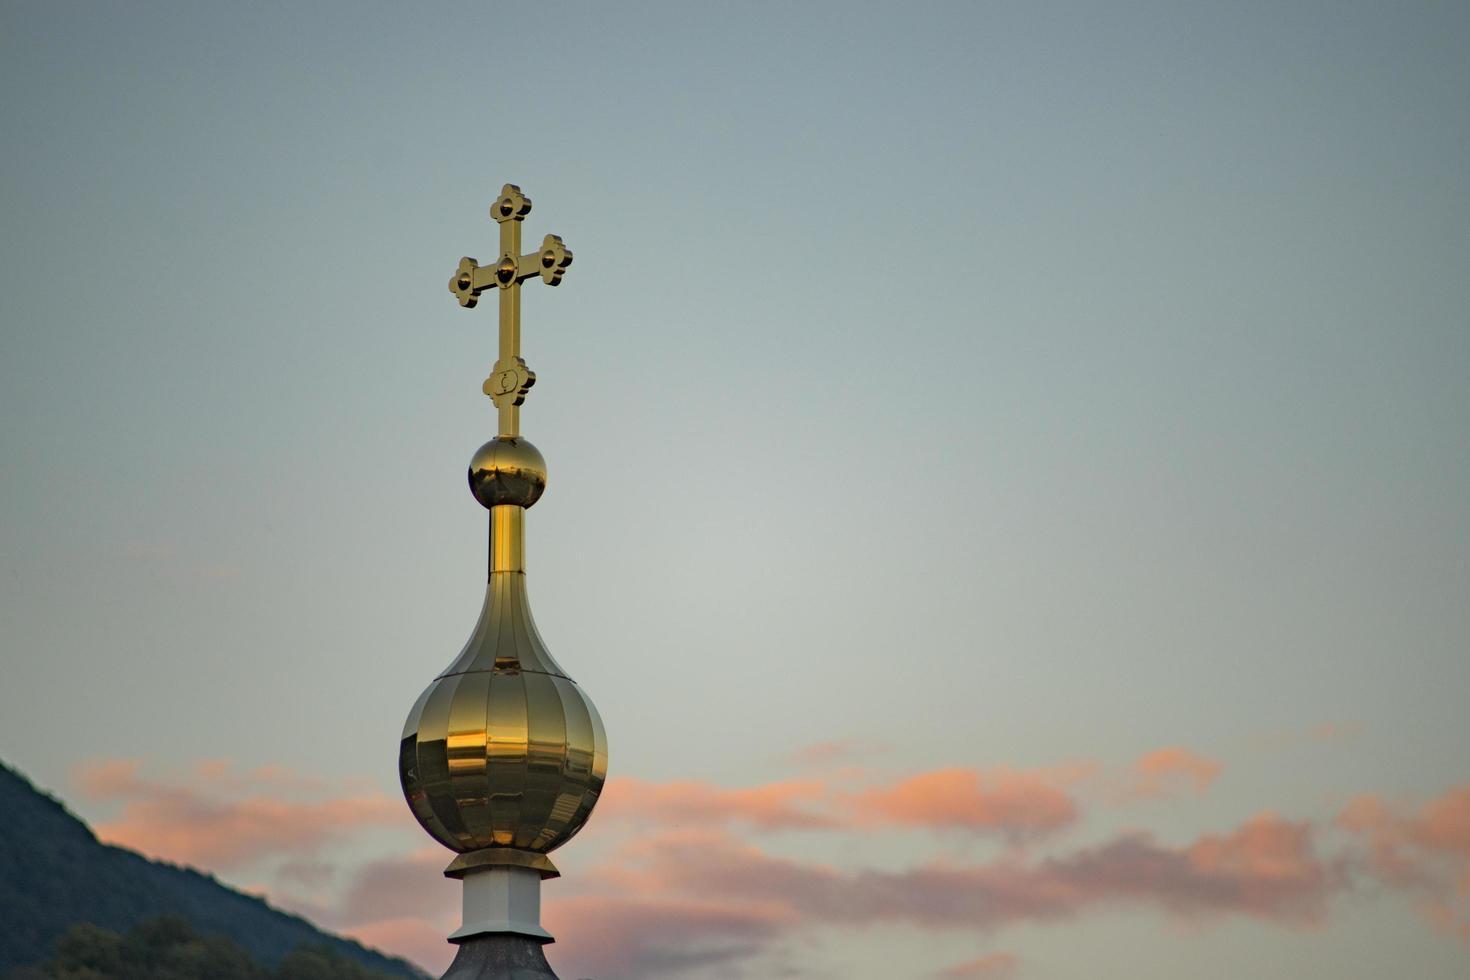 la cupola dorata della cappella sullo sfondo del cielo serale foto